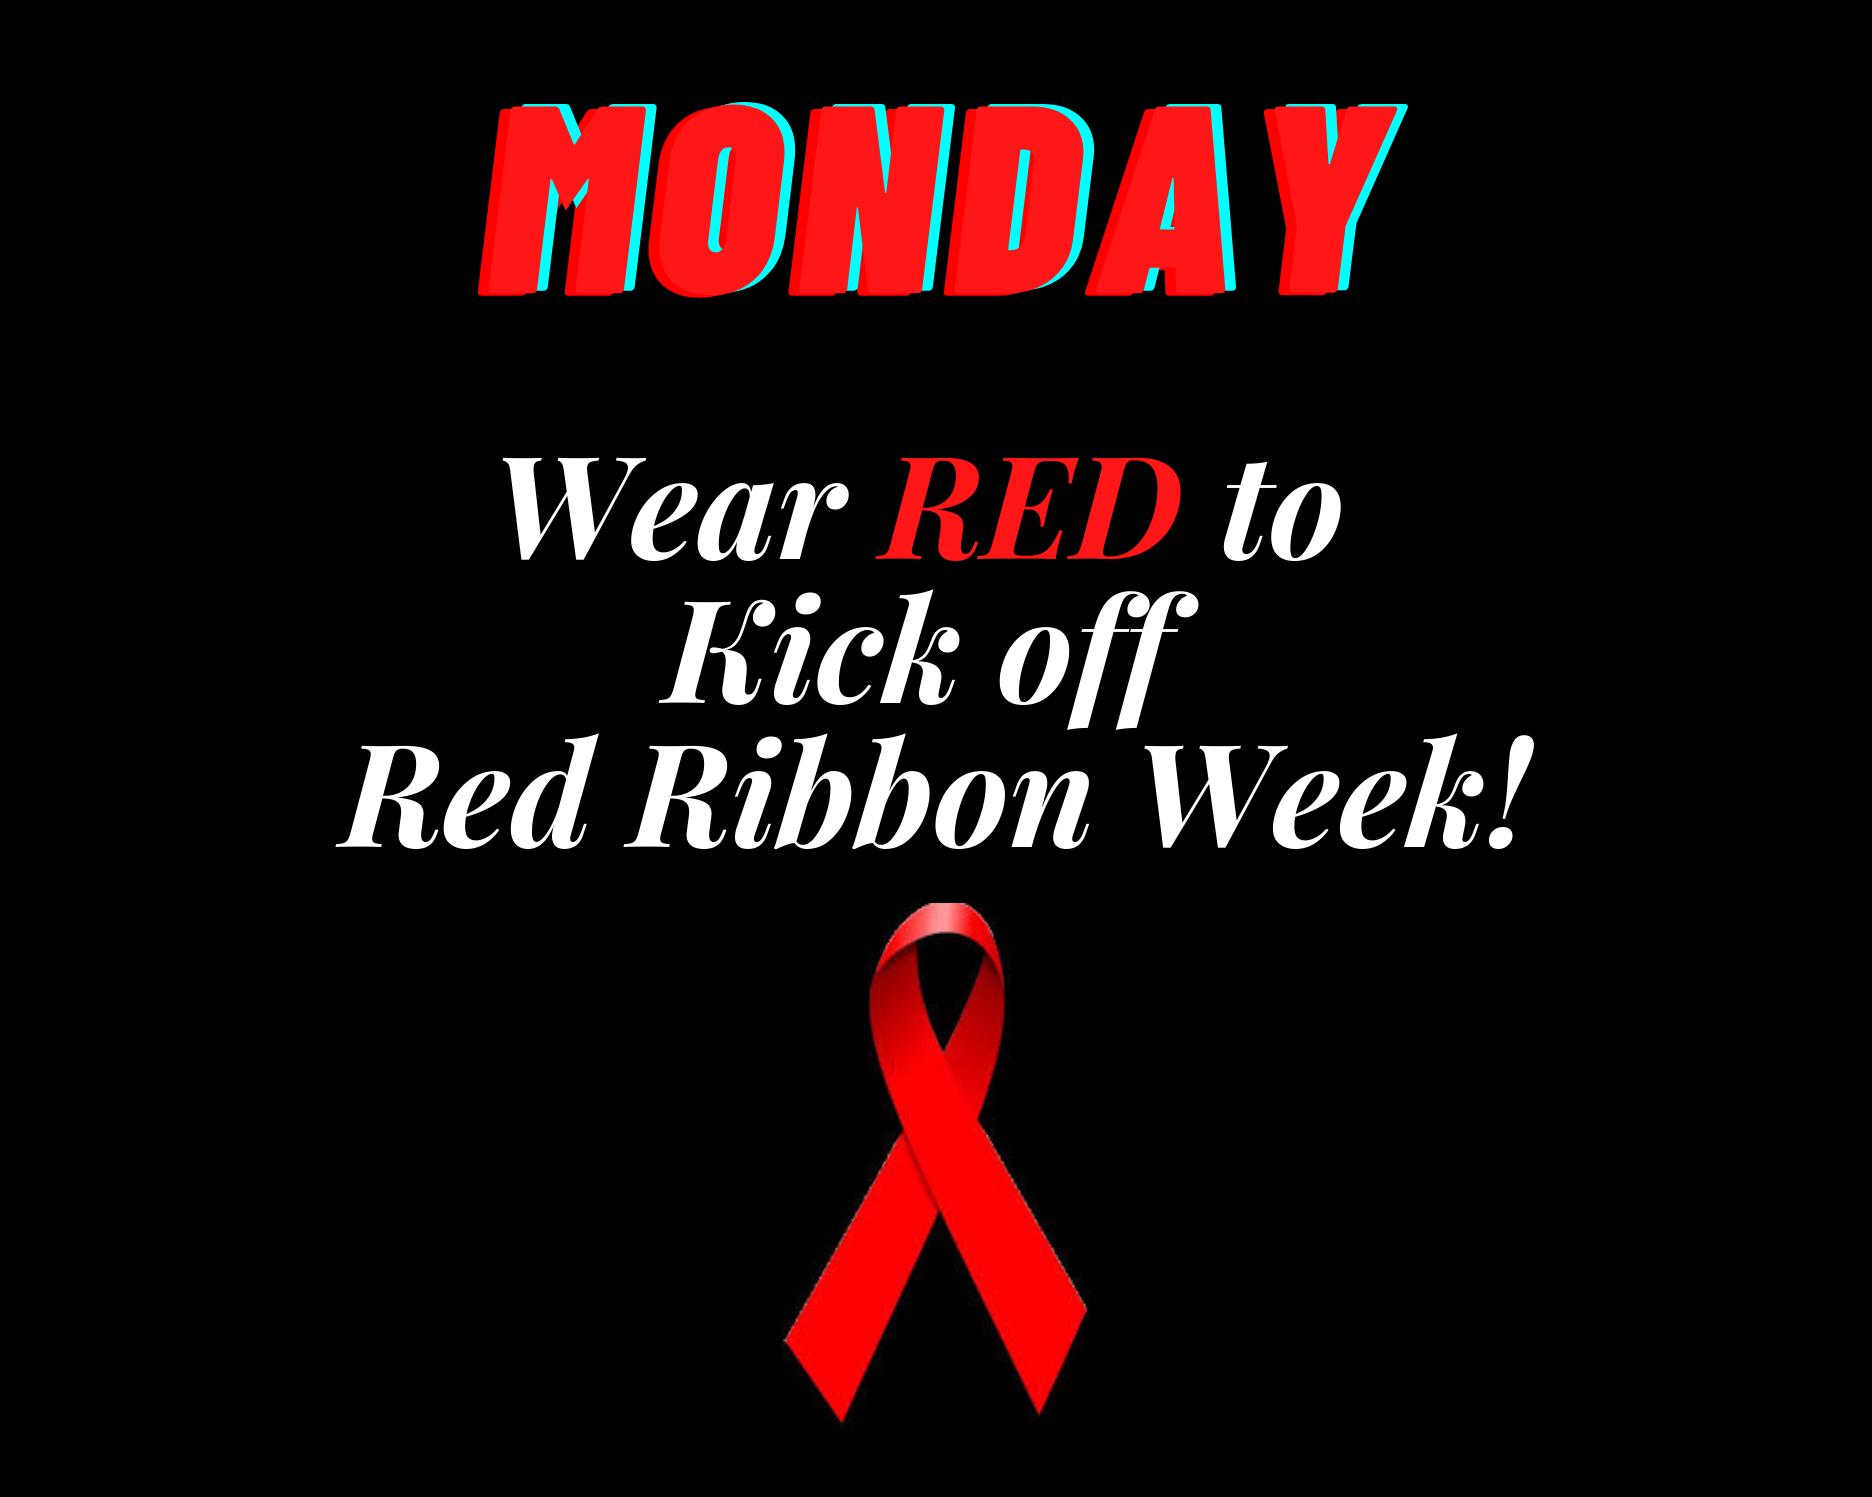 Red Ribbon Week Monday